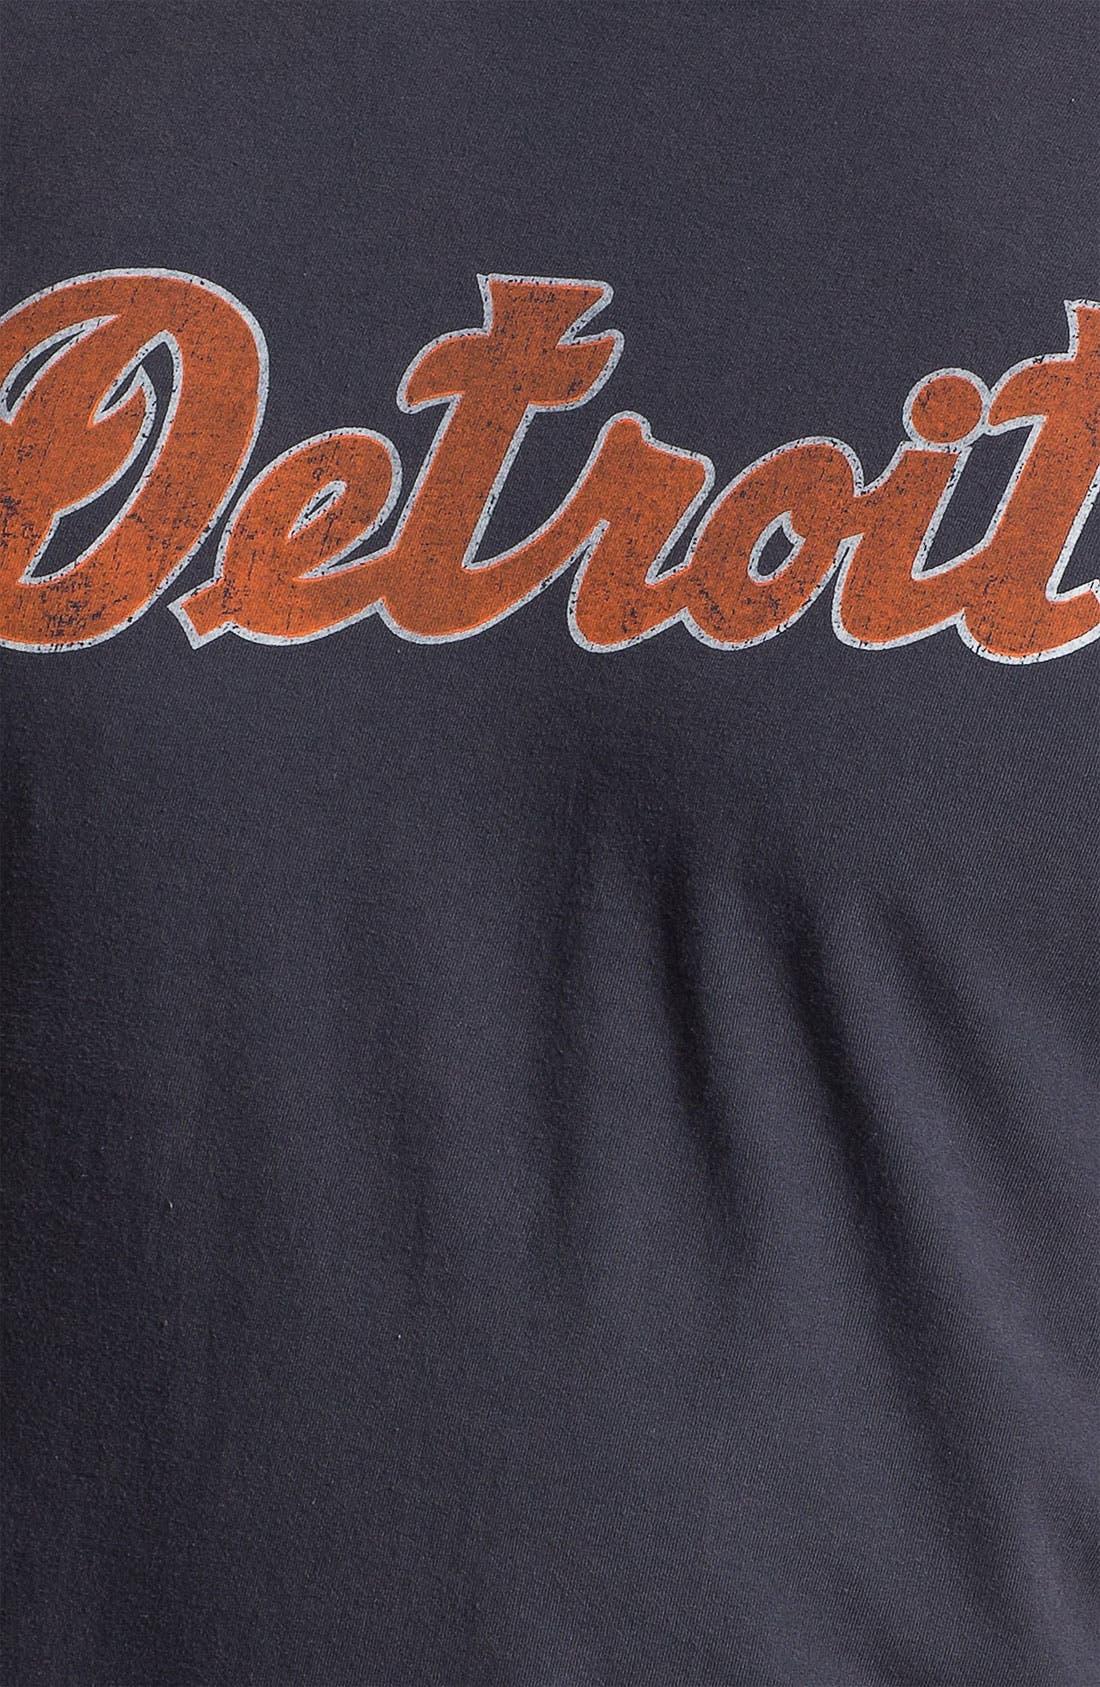 Alternate Image 3  - Red Jacket 'Detroit Tigers' Trim Fit Ringer T-Shirt (Men)